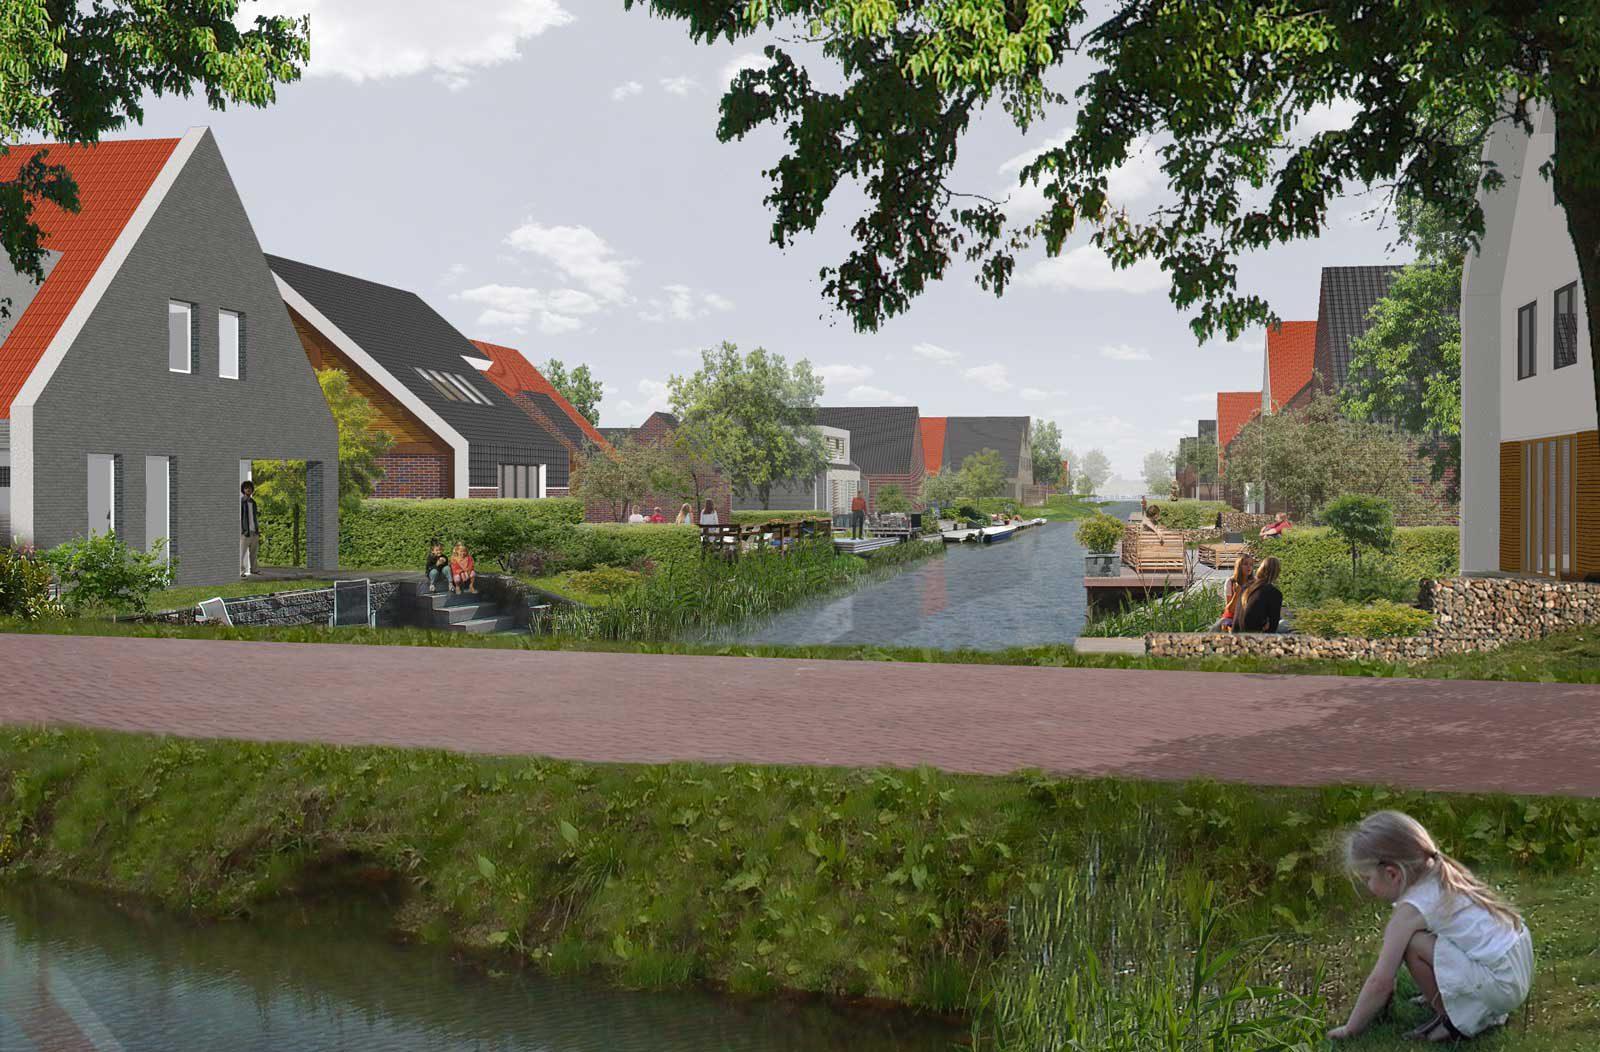 impressie watergang - woonwijk De Wadde Plasweg Waddinxveen